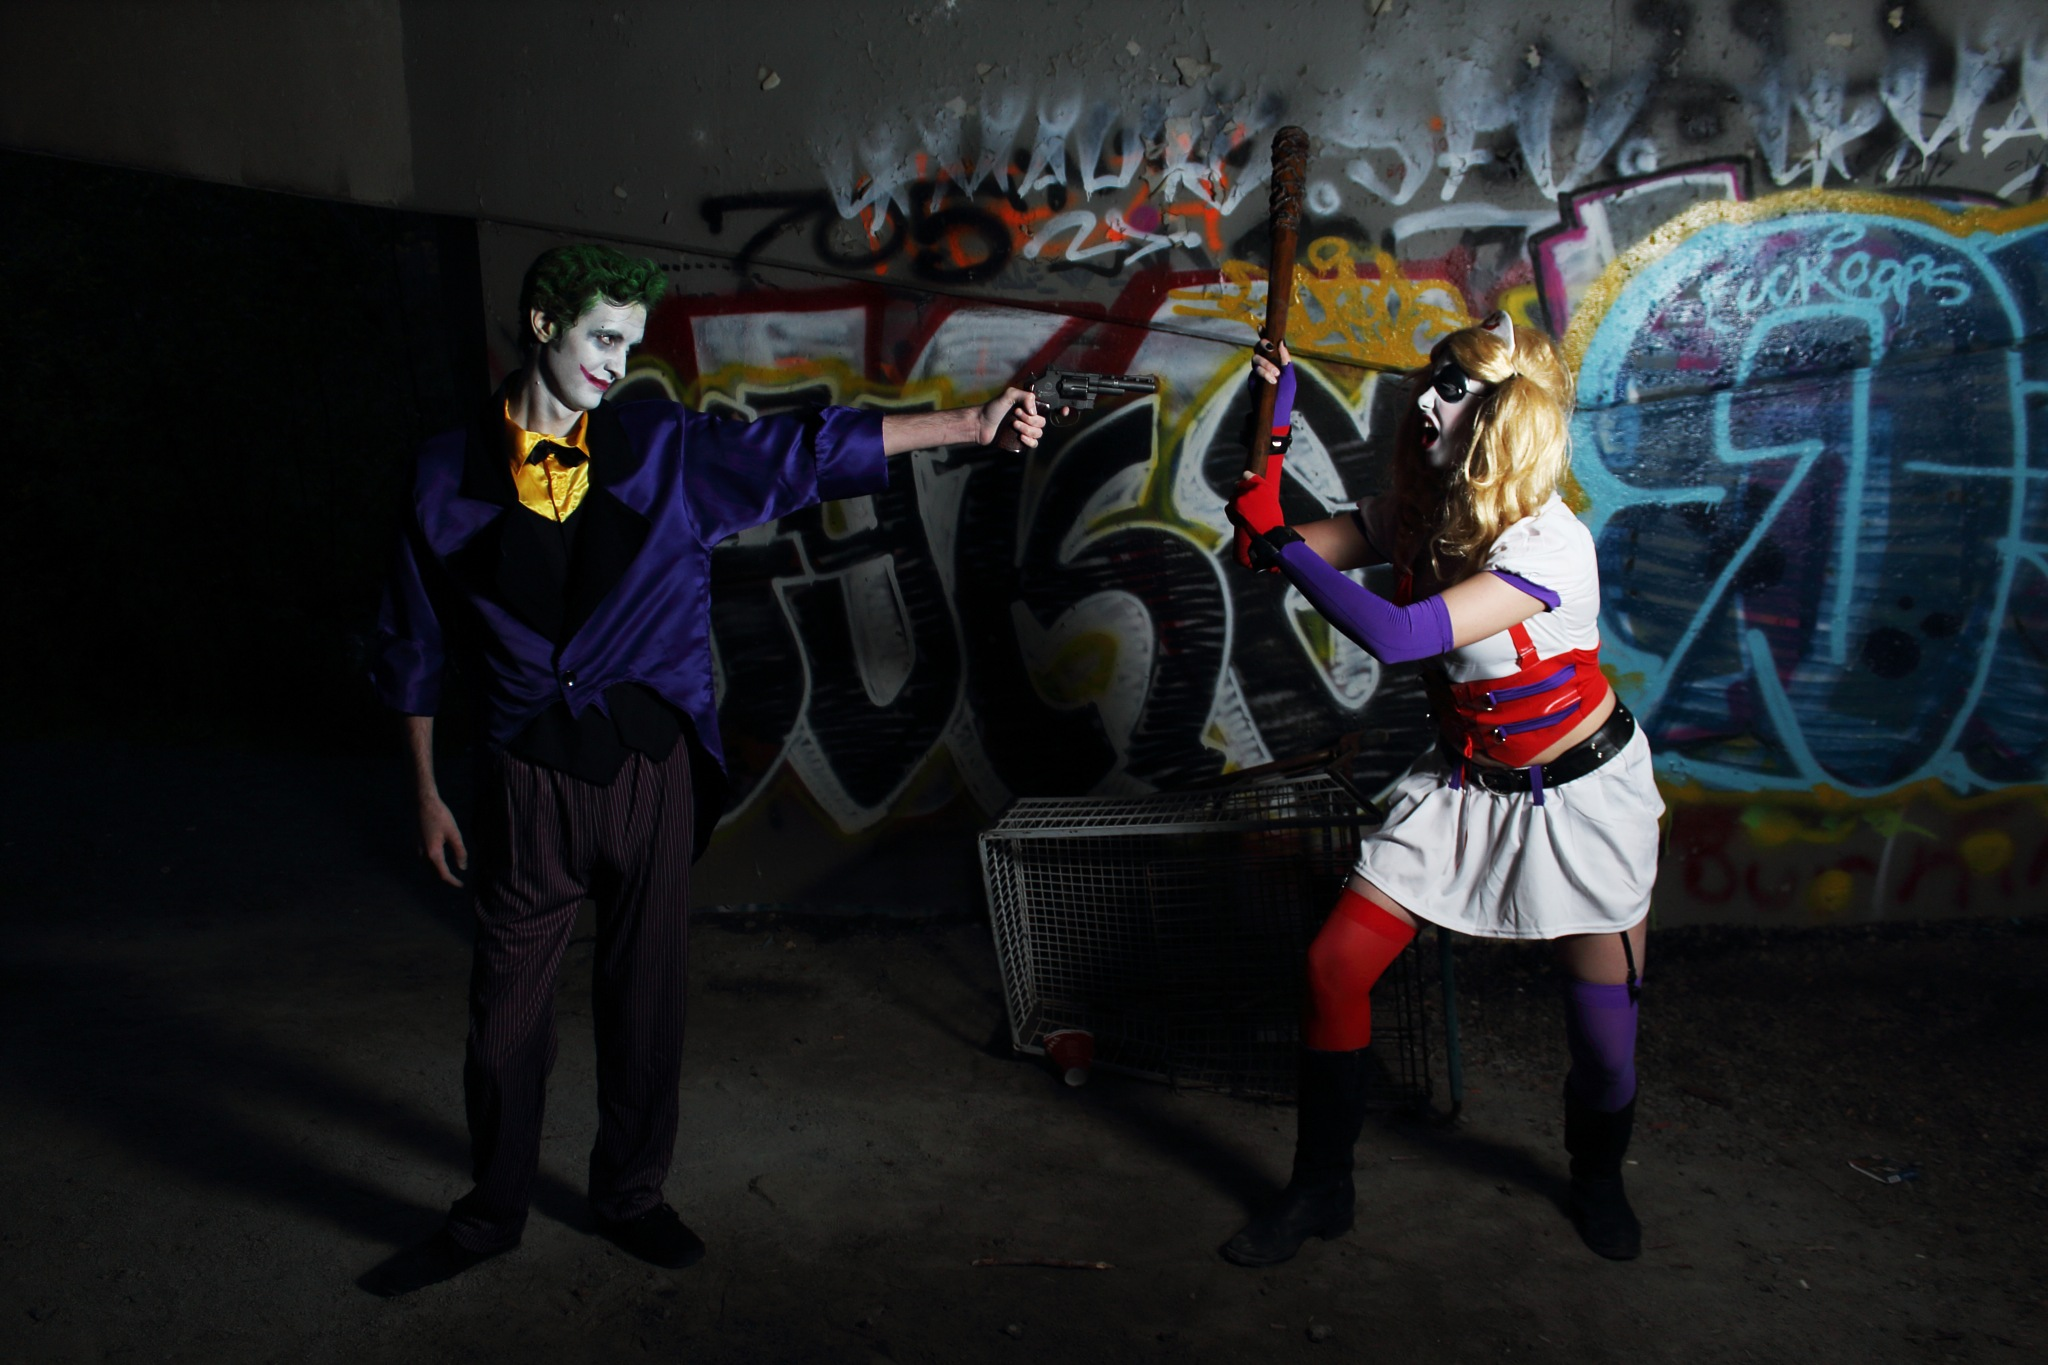 Harley Quinn & the Joker 2  by ShutterDot